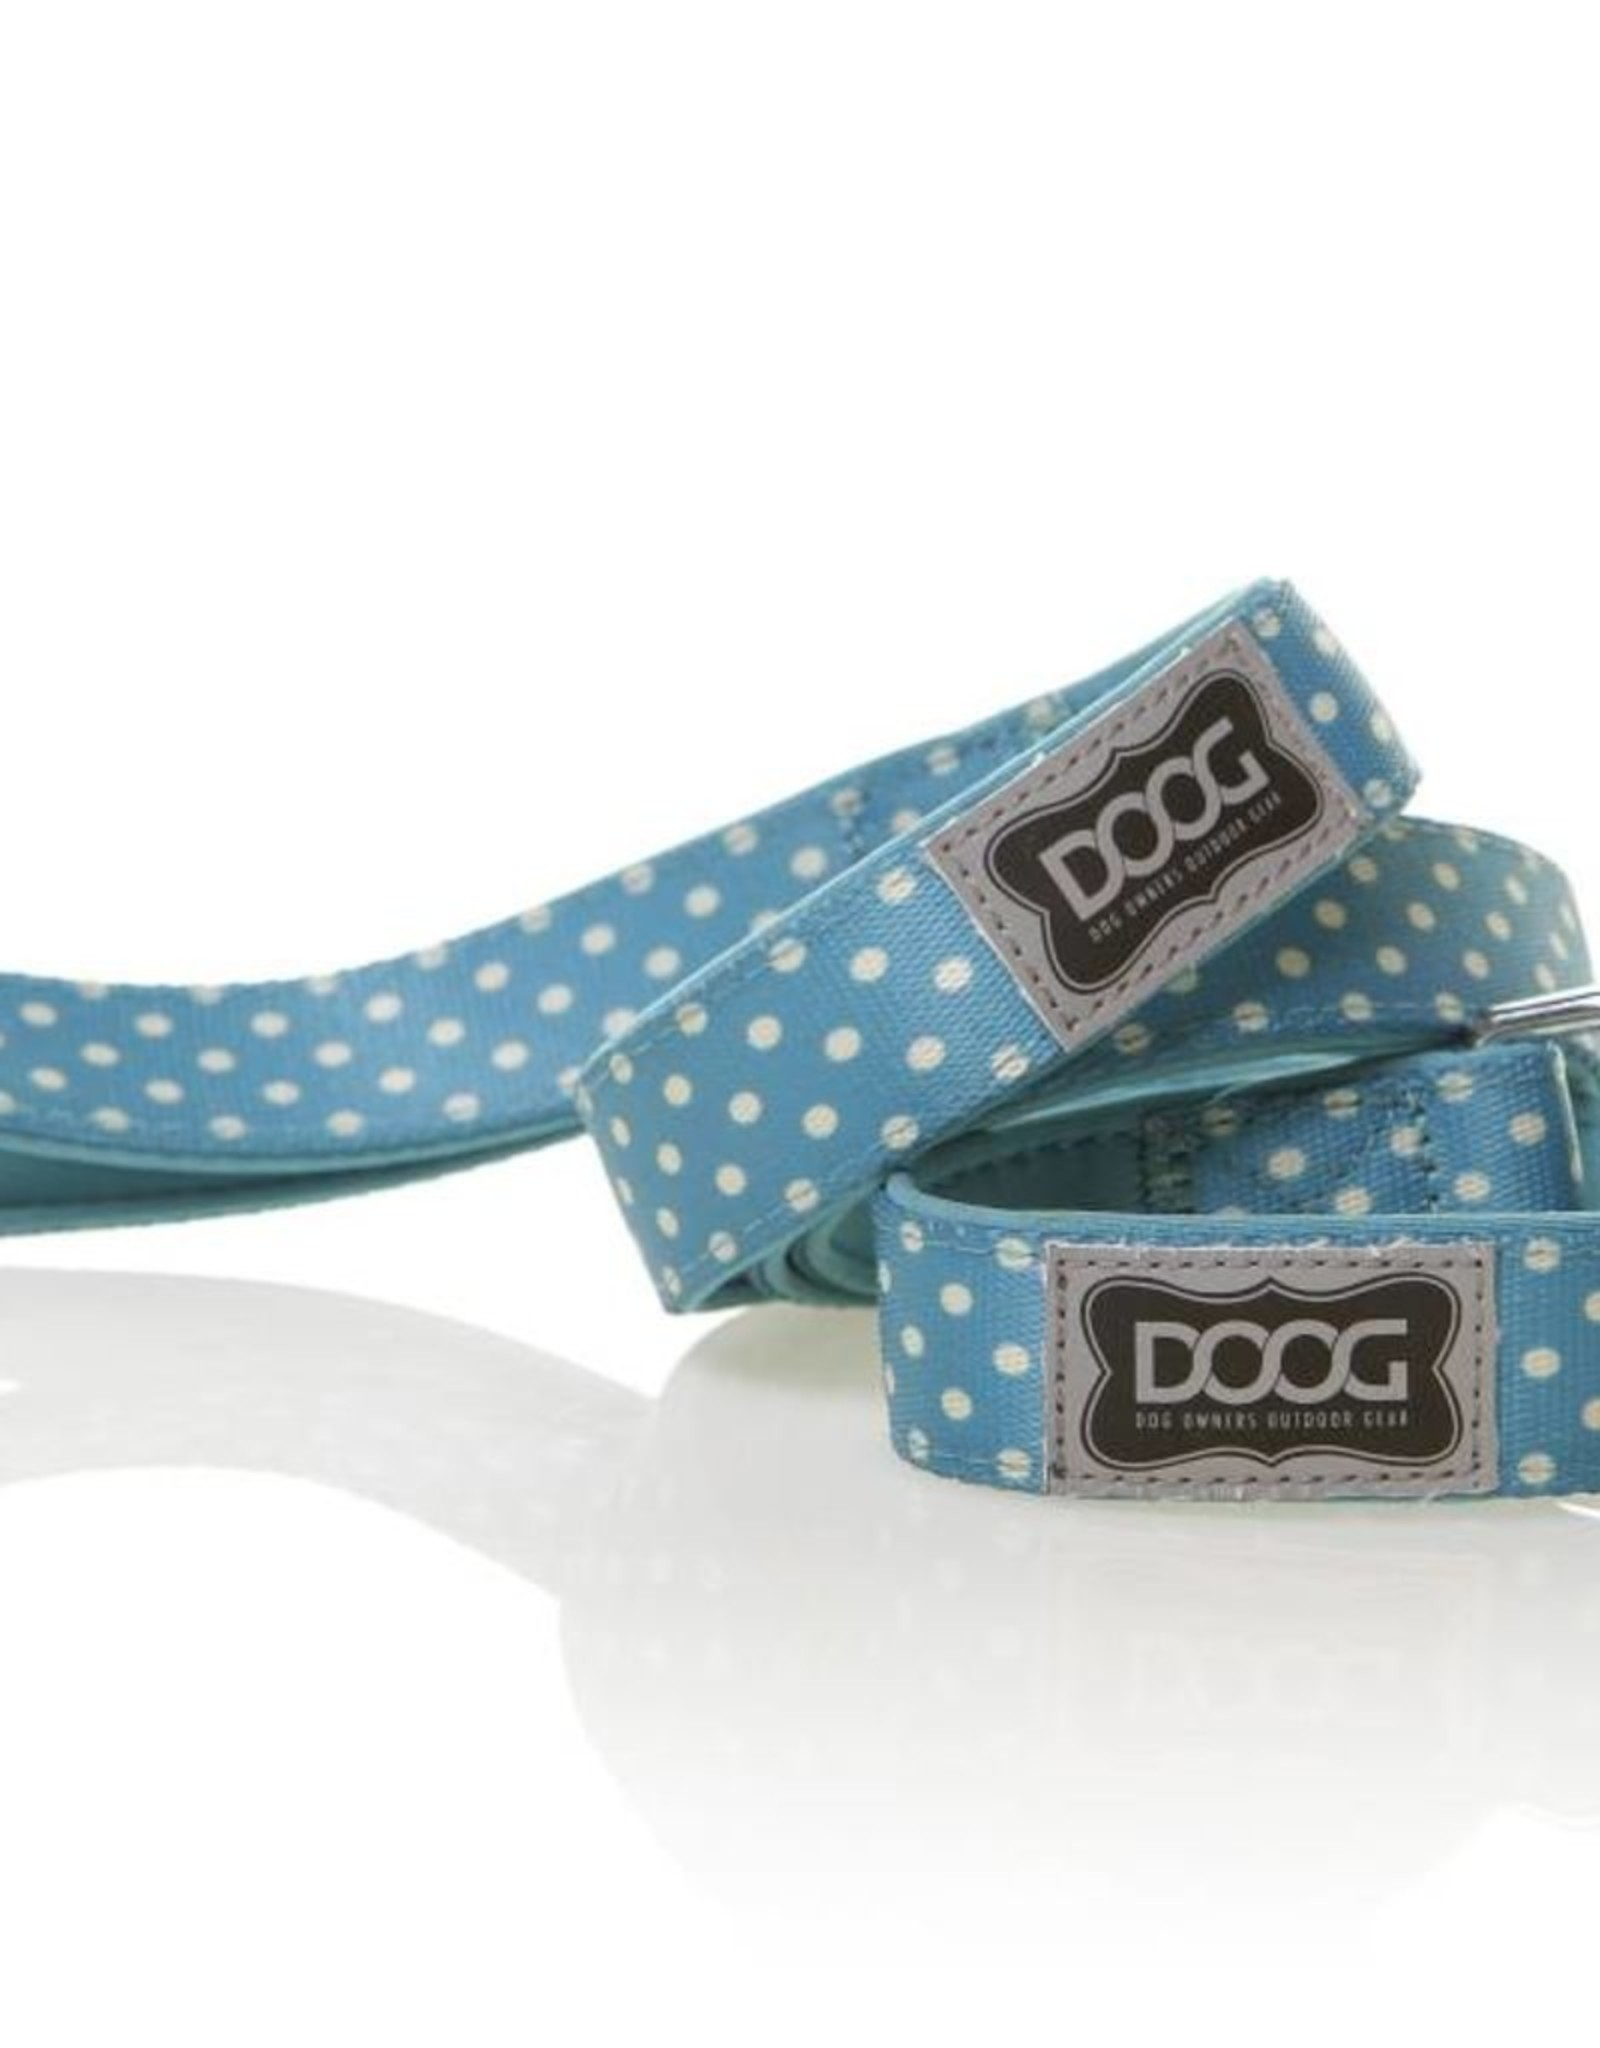 DOOG Doog | Snoopy Collars y Correas